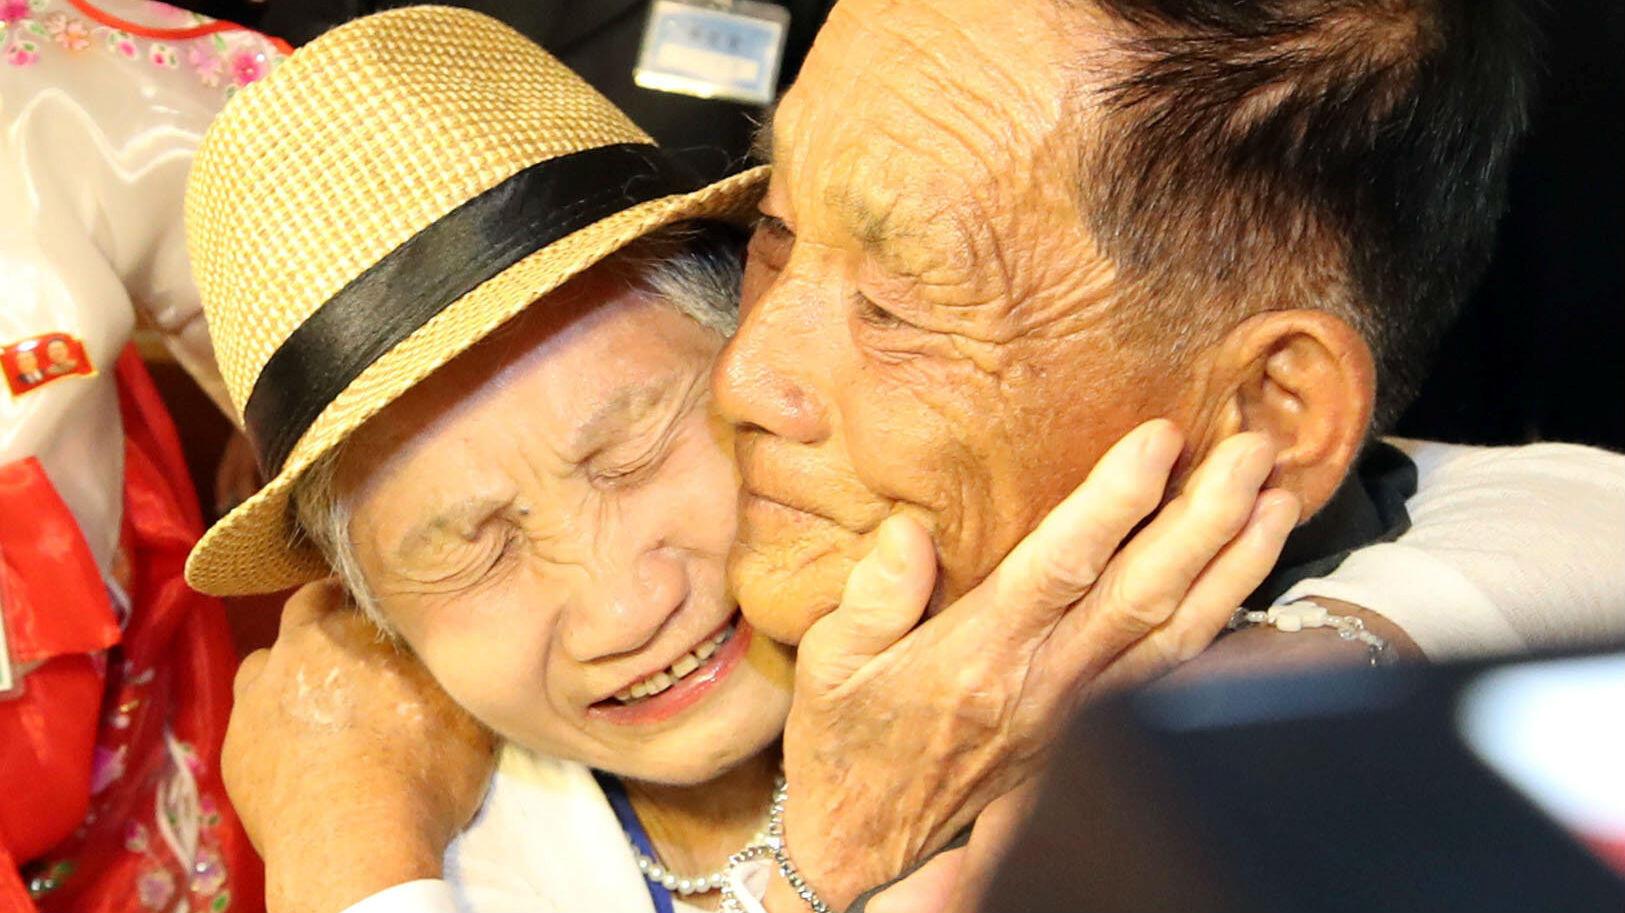 Familias separadas pudieron reunirse en un hotel del Monte Kumgang, en Corea del Norte, el 20 de agosto de 2018.